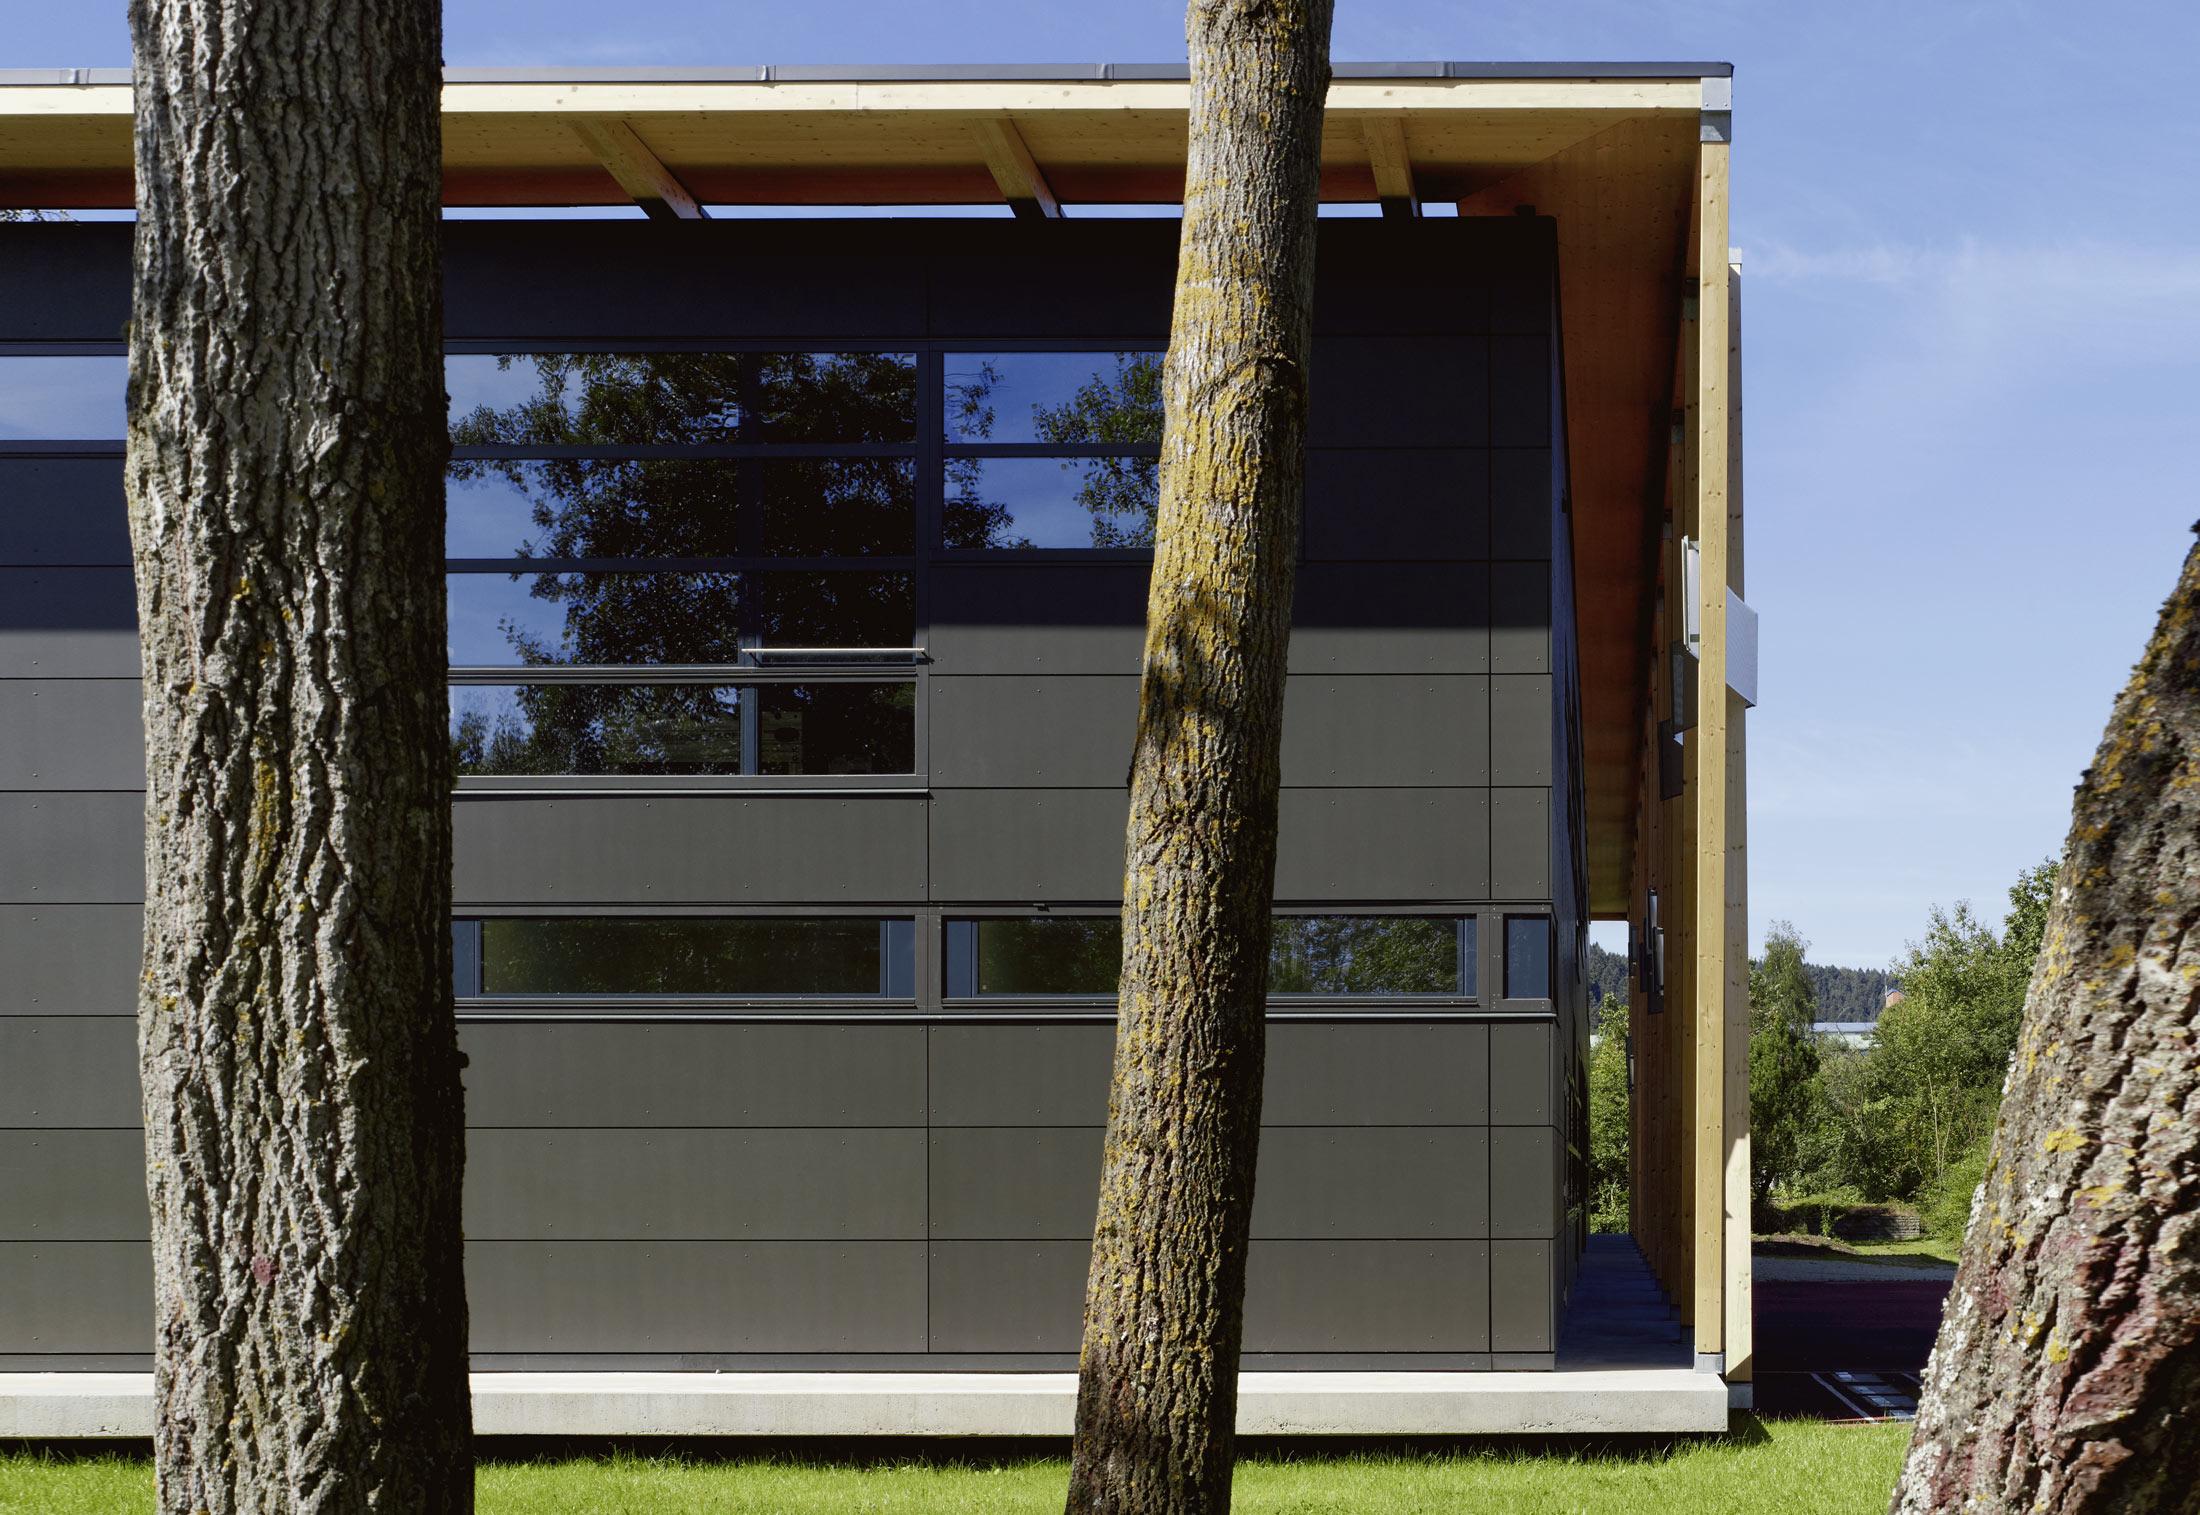 Beeindruckend Fassade Haus Beste Wahl Formboard Fassade, Der Schüler